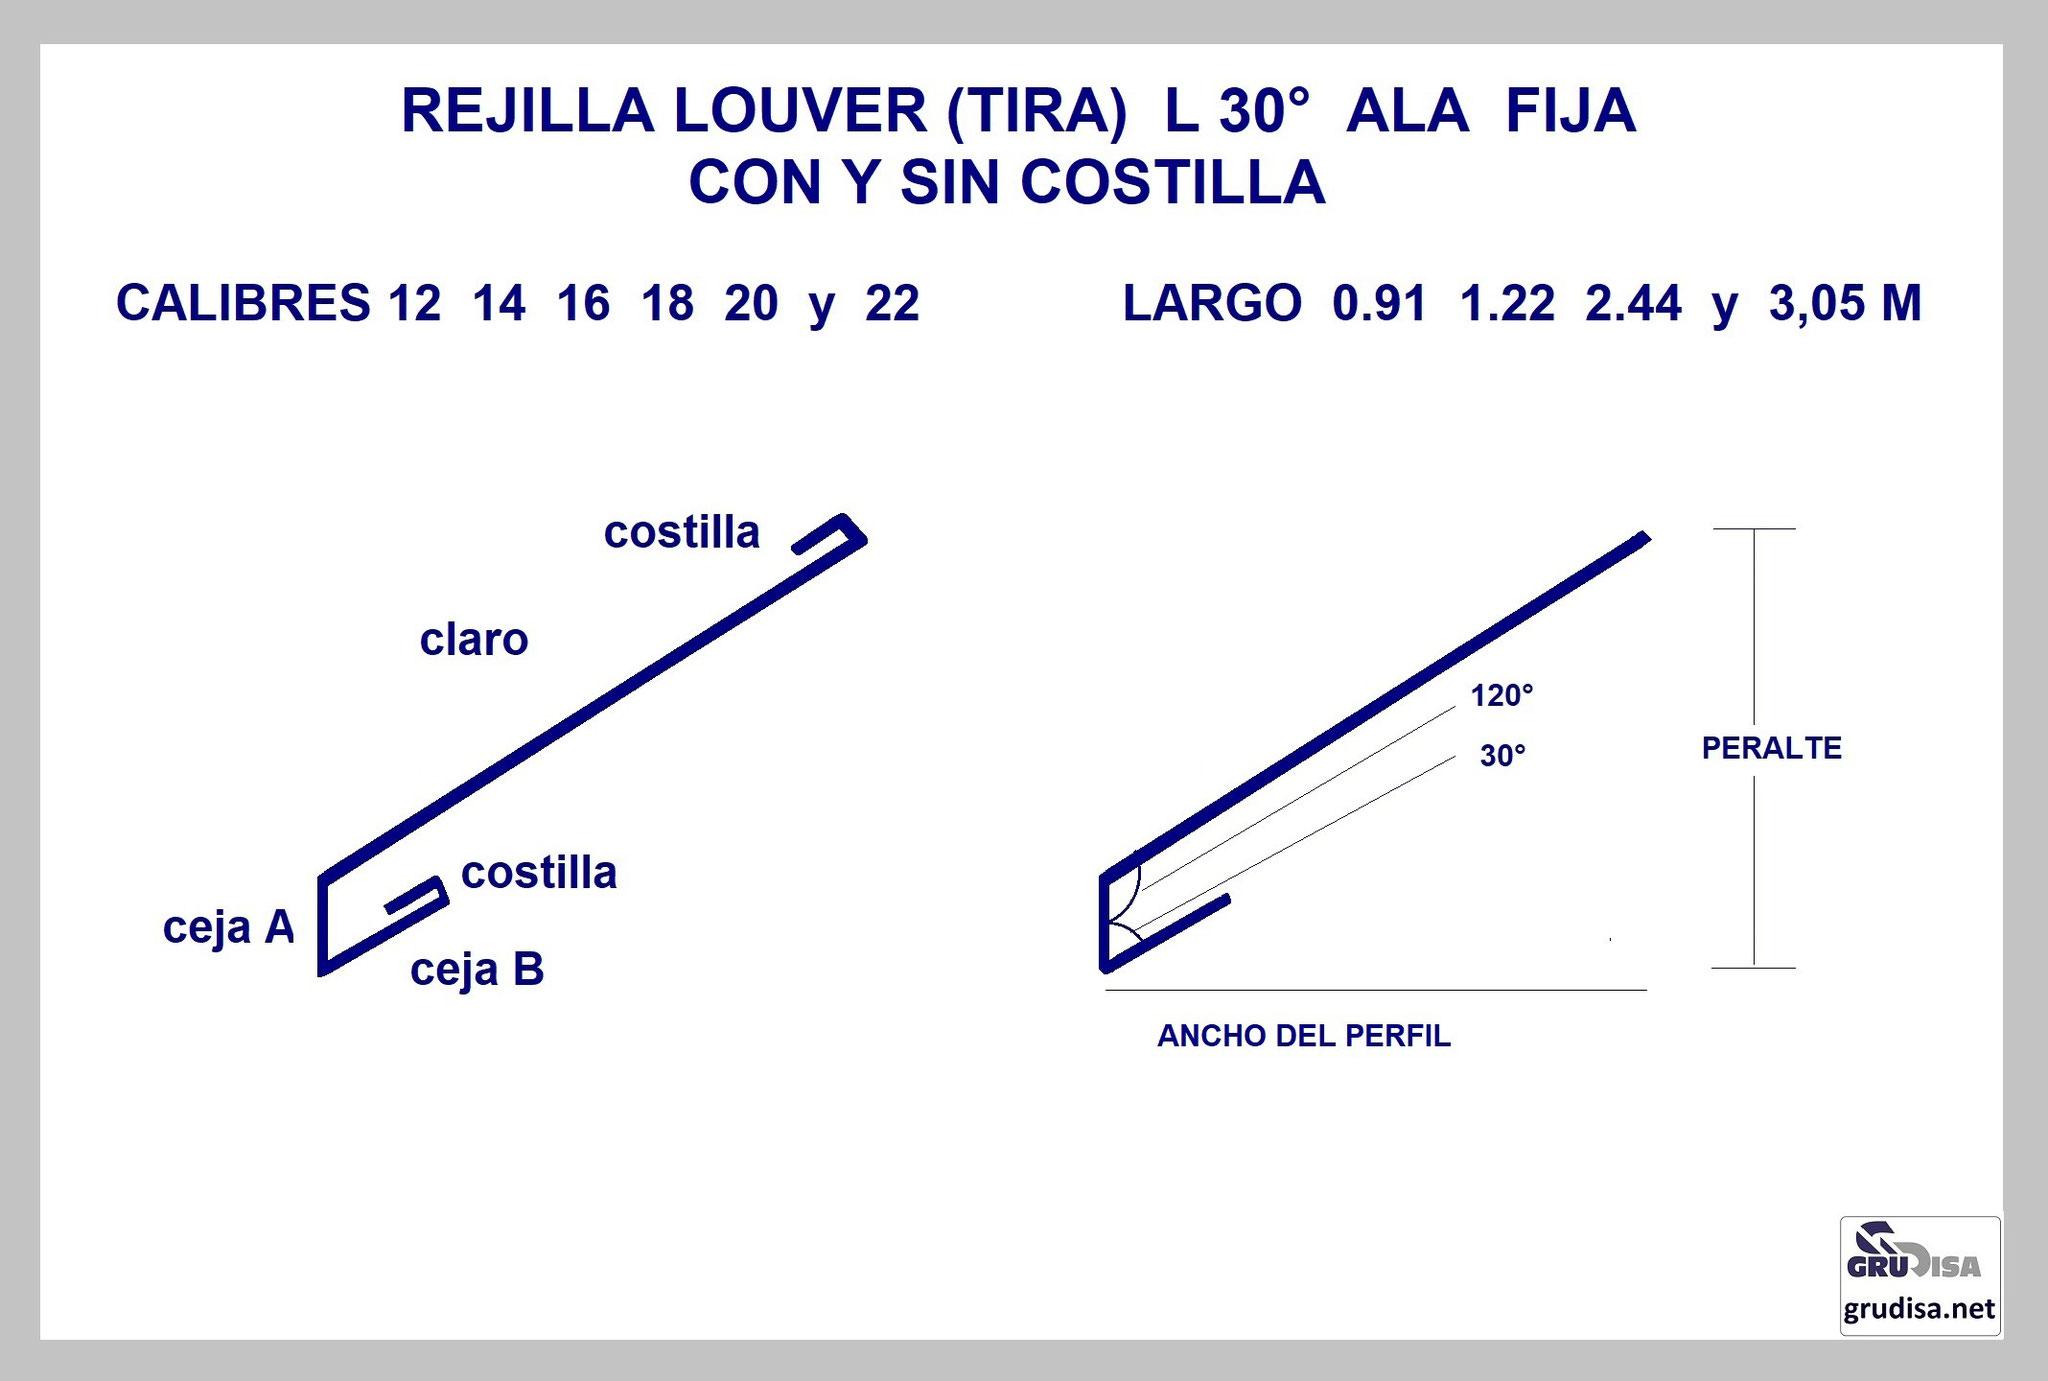 REJILLA LOUVER (TIRA) L 30° CON y SIN COSTILLA